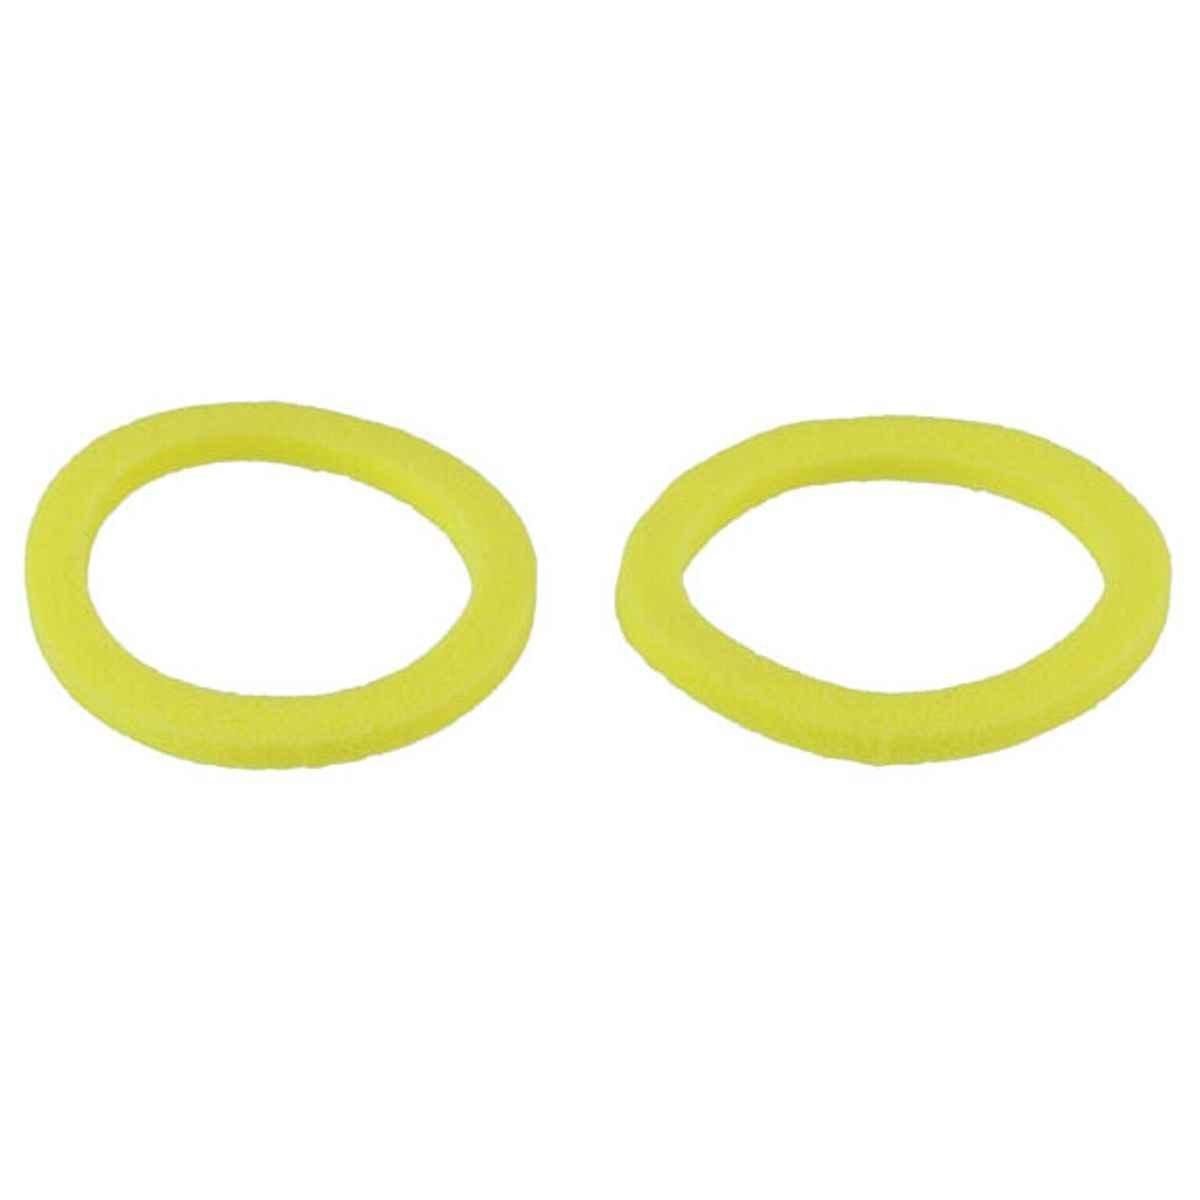 RockShox - Repuesto Foam Ring Reba/Pike 32Mm (20 Unidades) Rock Shox 132529